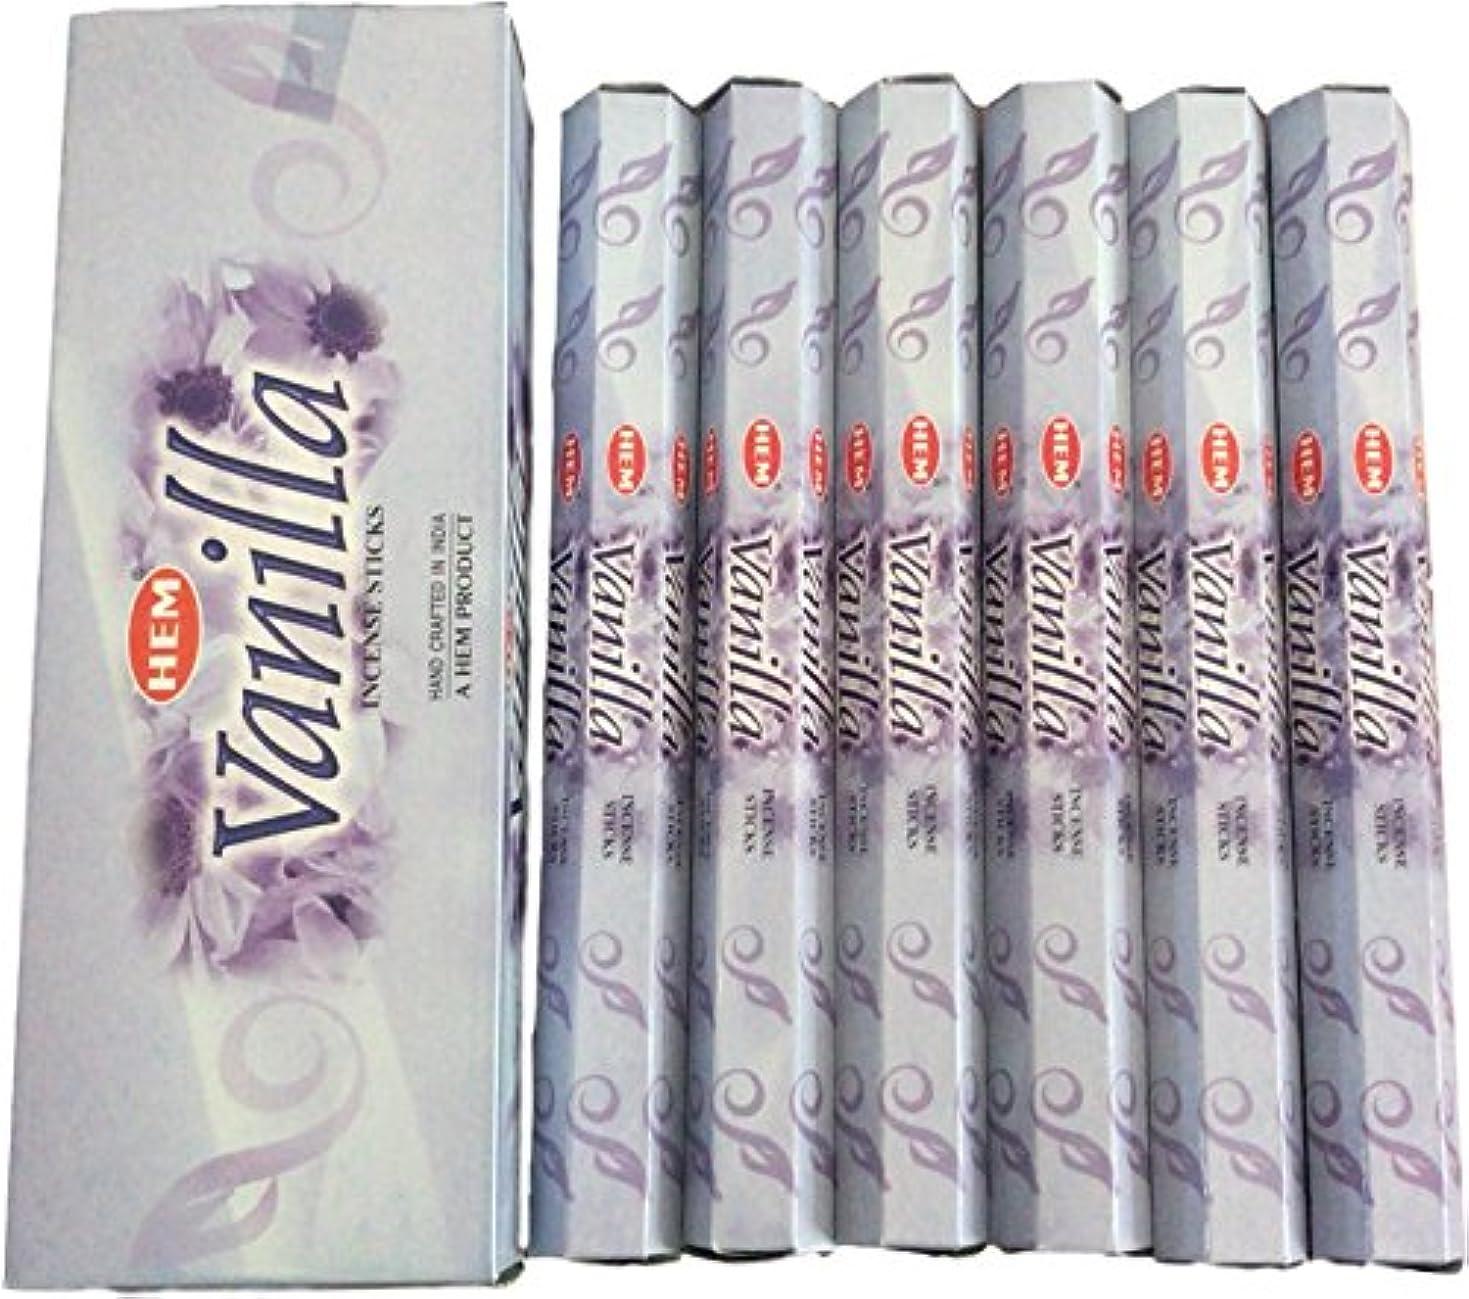 レジデンス部分的影響力のあるHEM ヘム バニラ Vanilla ステック お香 6箱